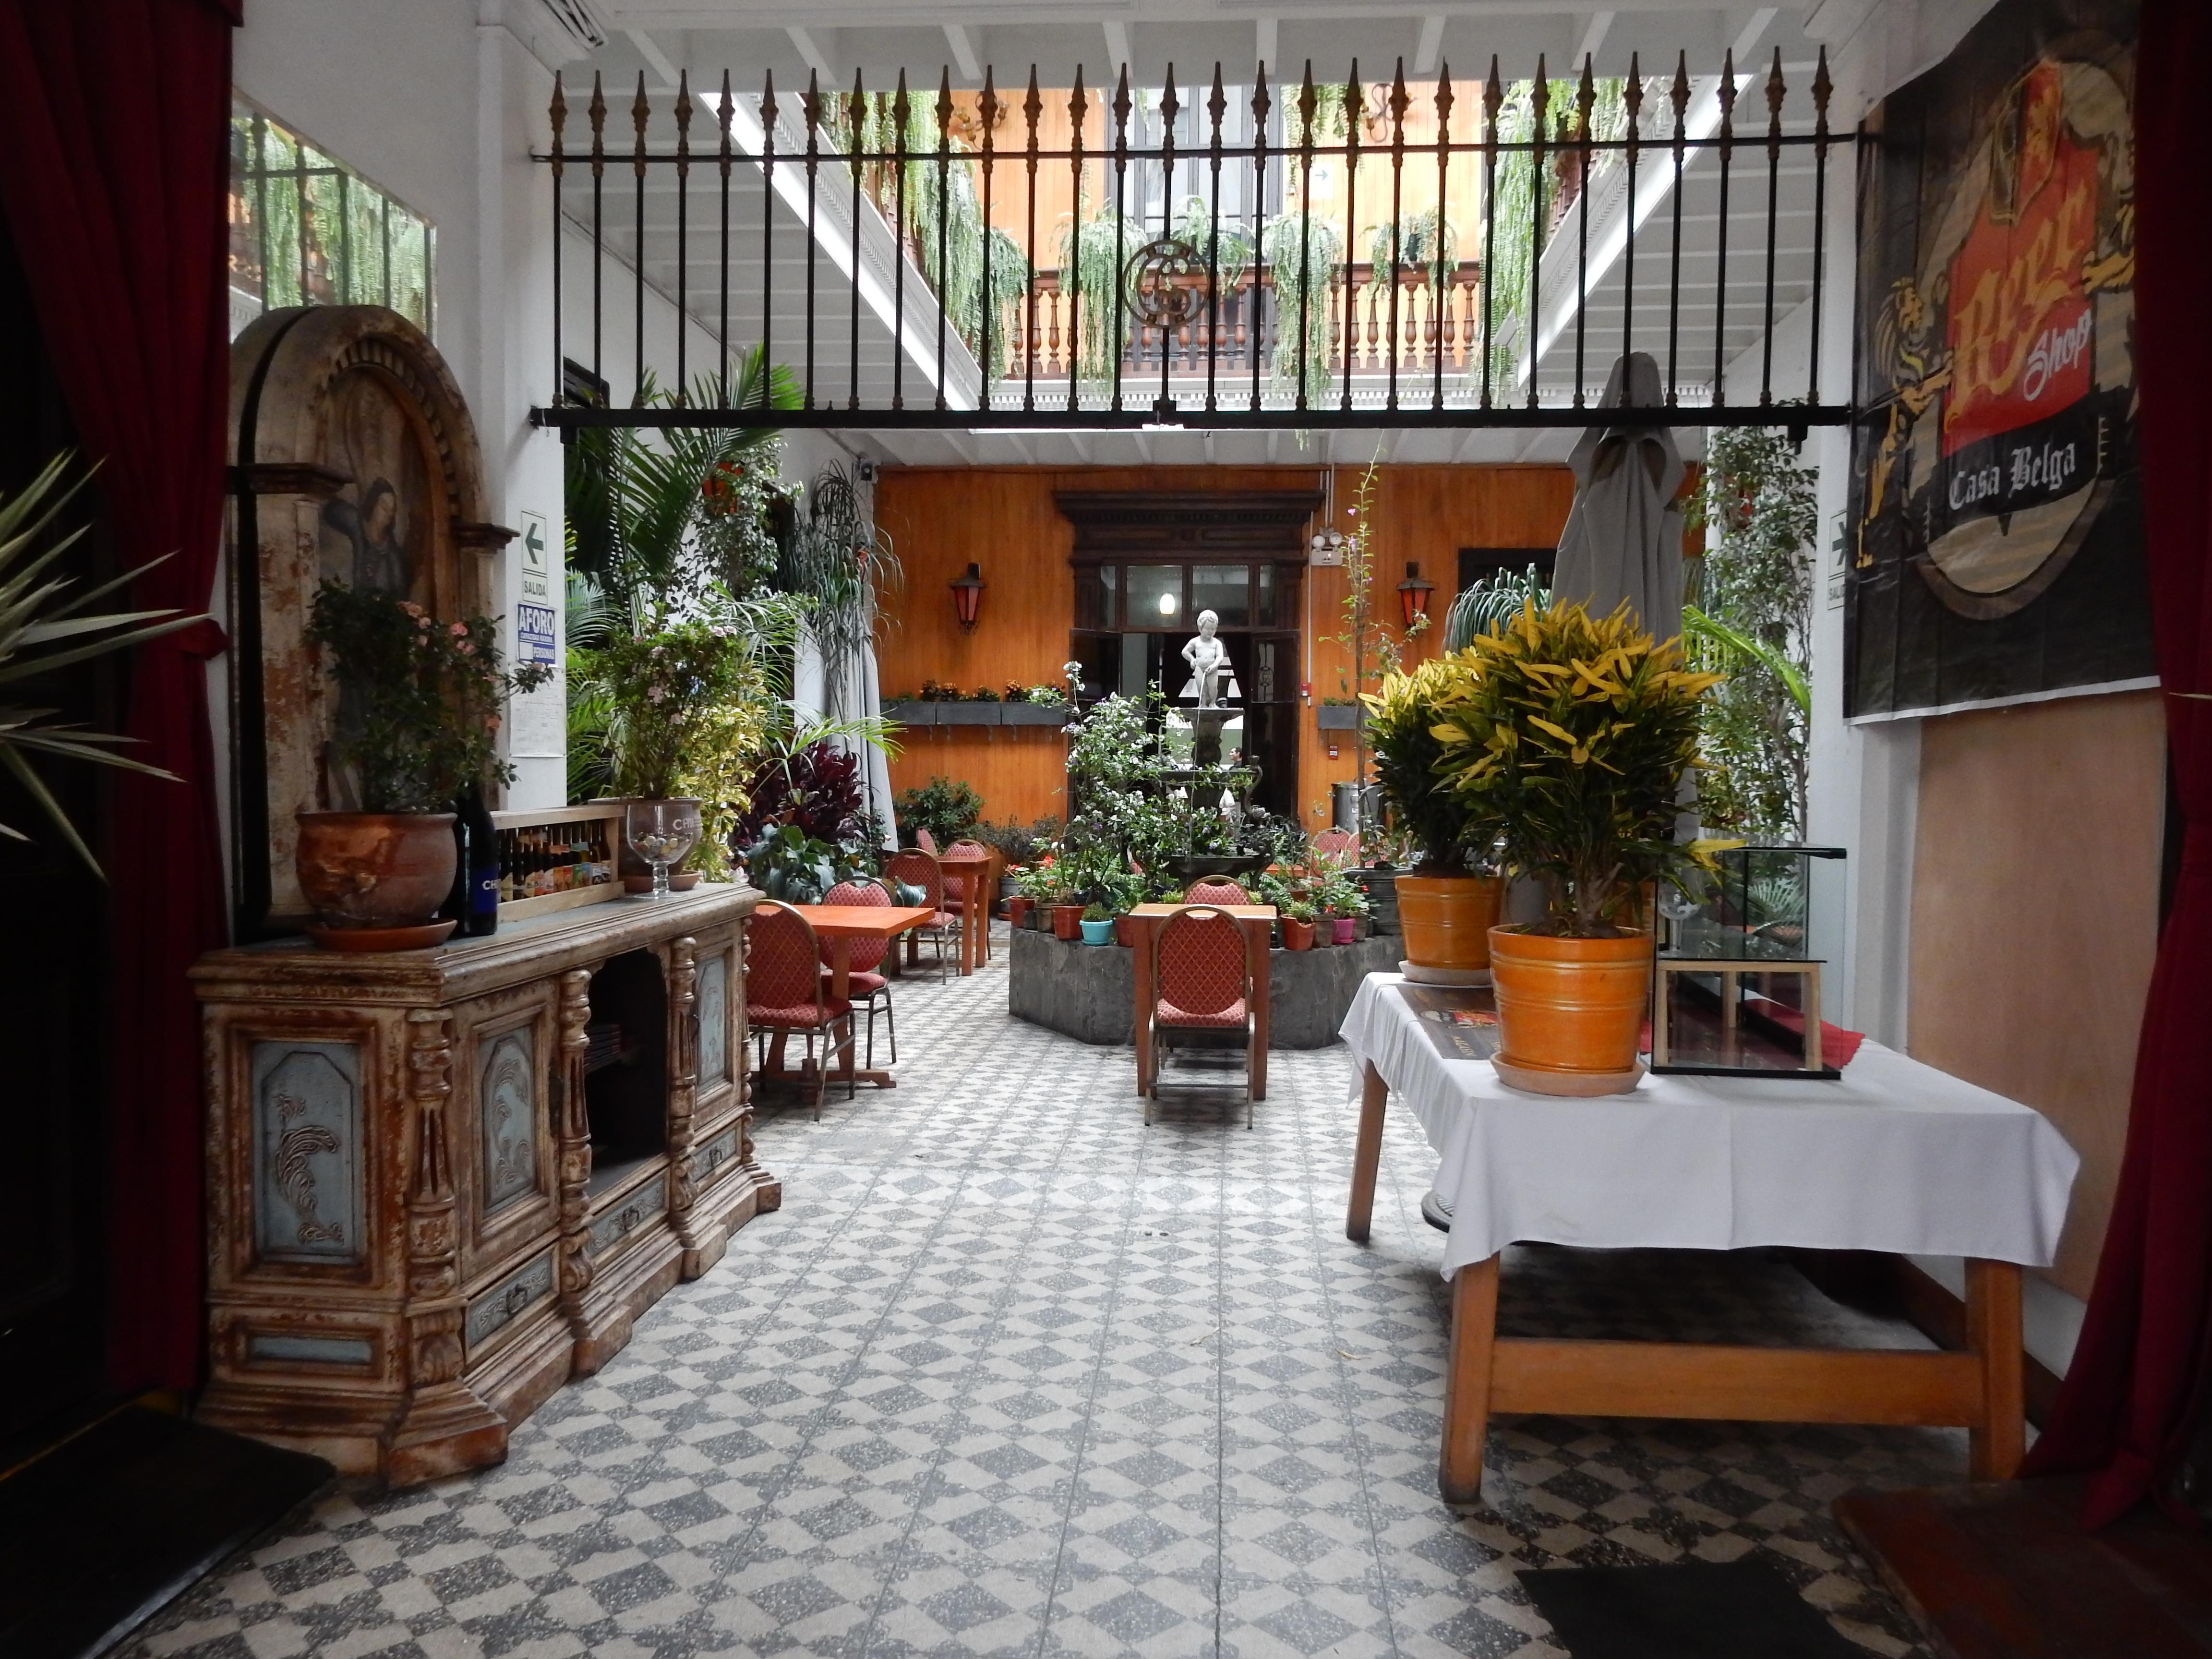 Restaurant Casa Belga